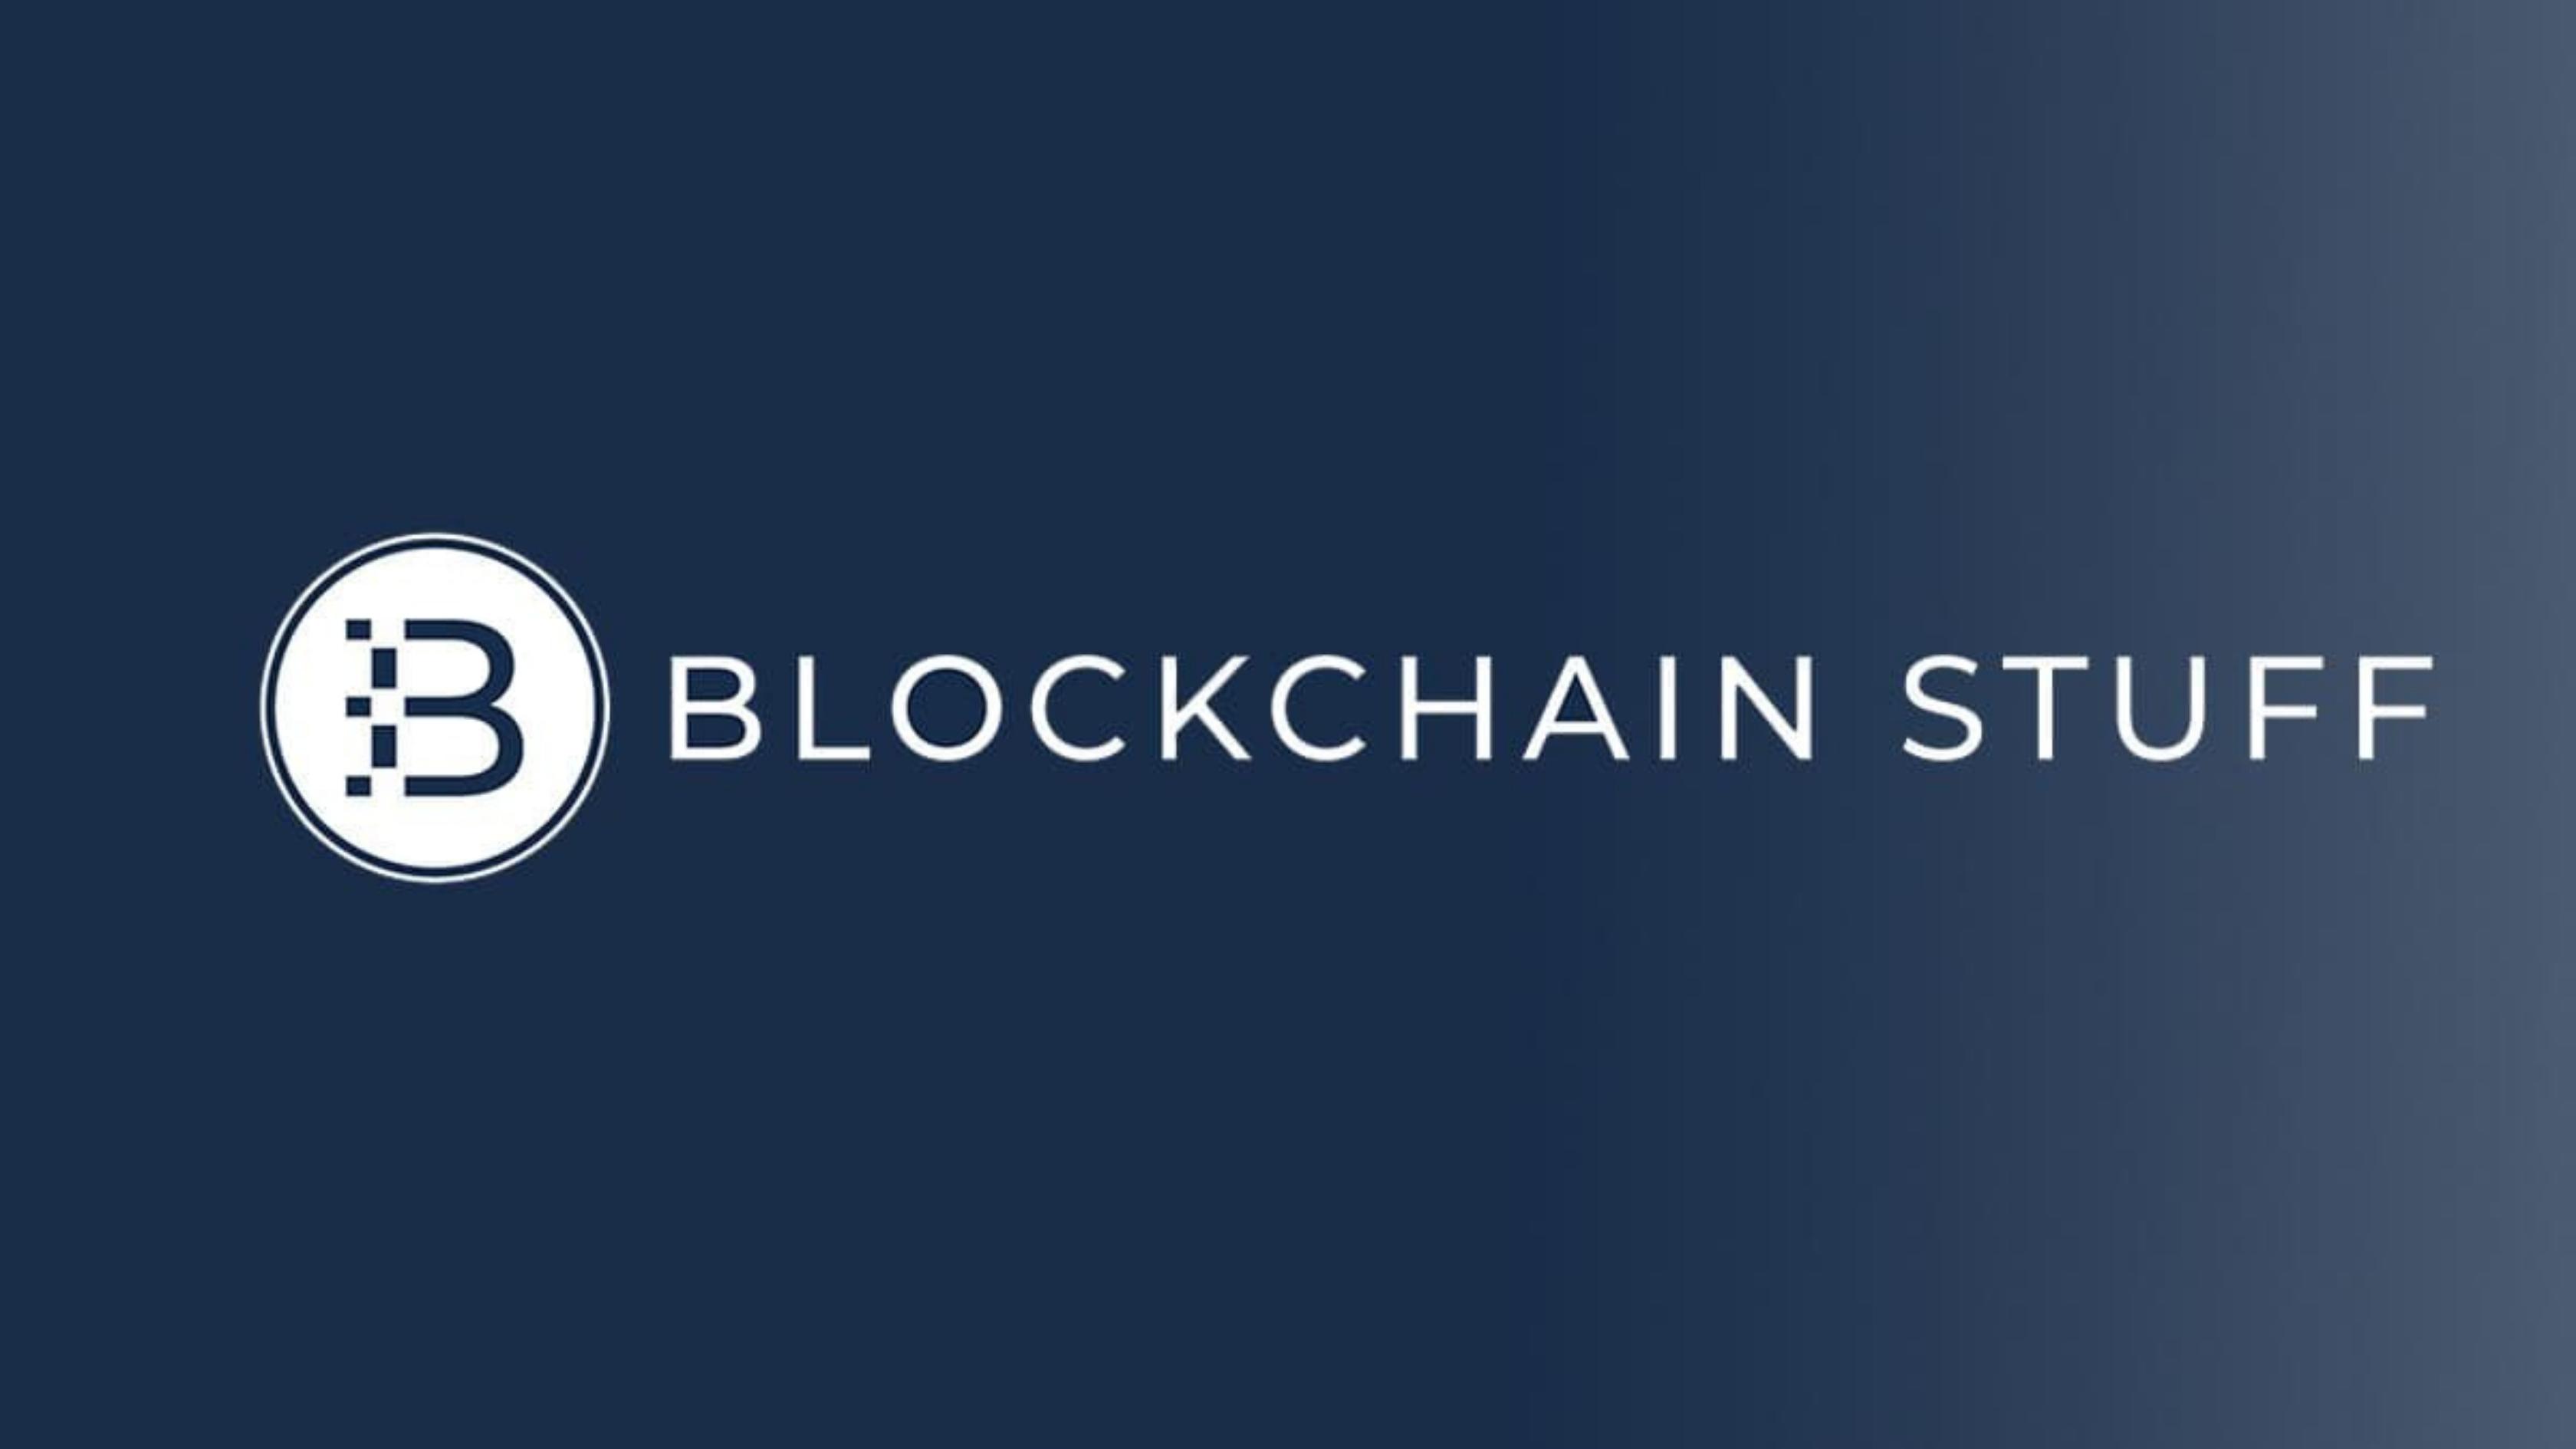 A Bitcoin újabb fekete csütörtöki balesethez közeledik? A BTC-származékok a következőket javasolják